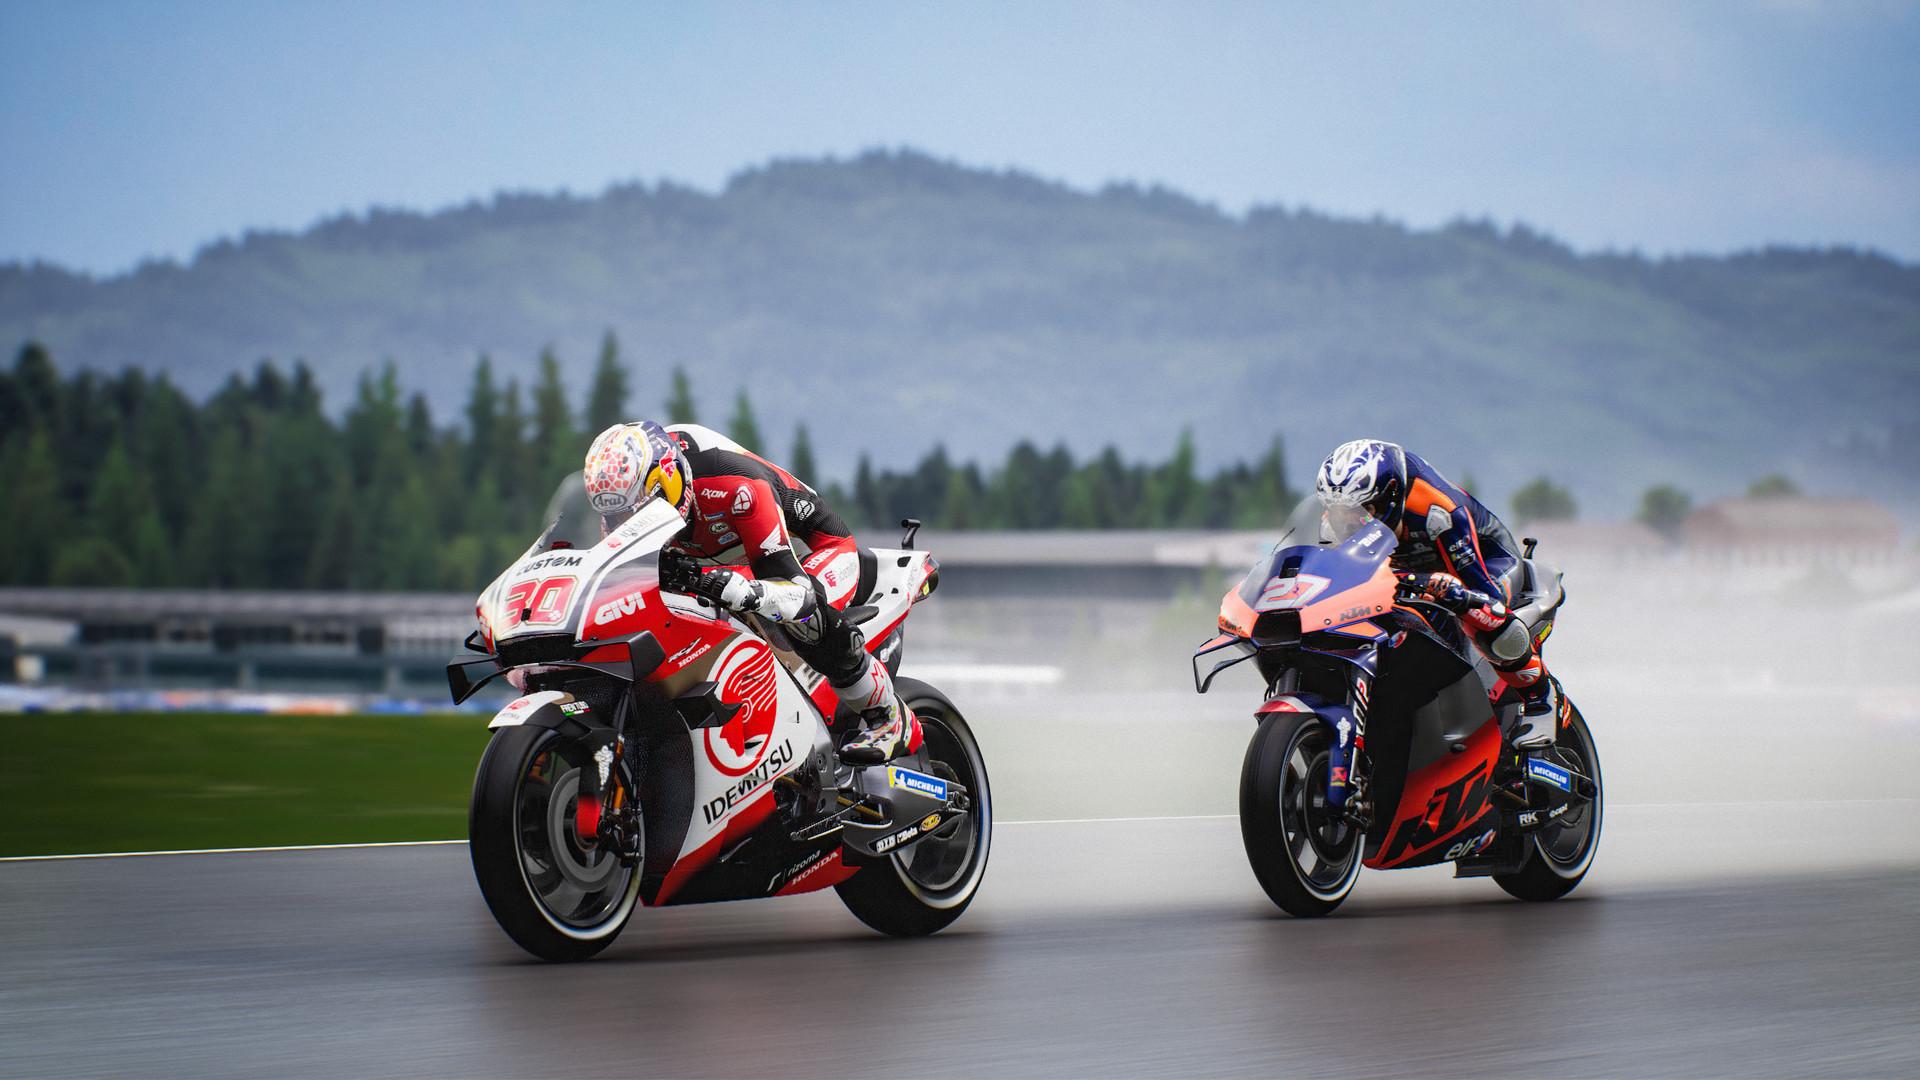 MotoGP 21 Xbox